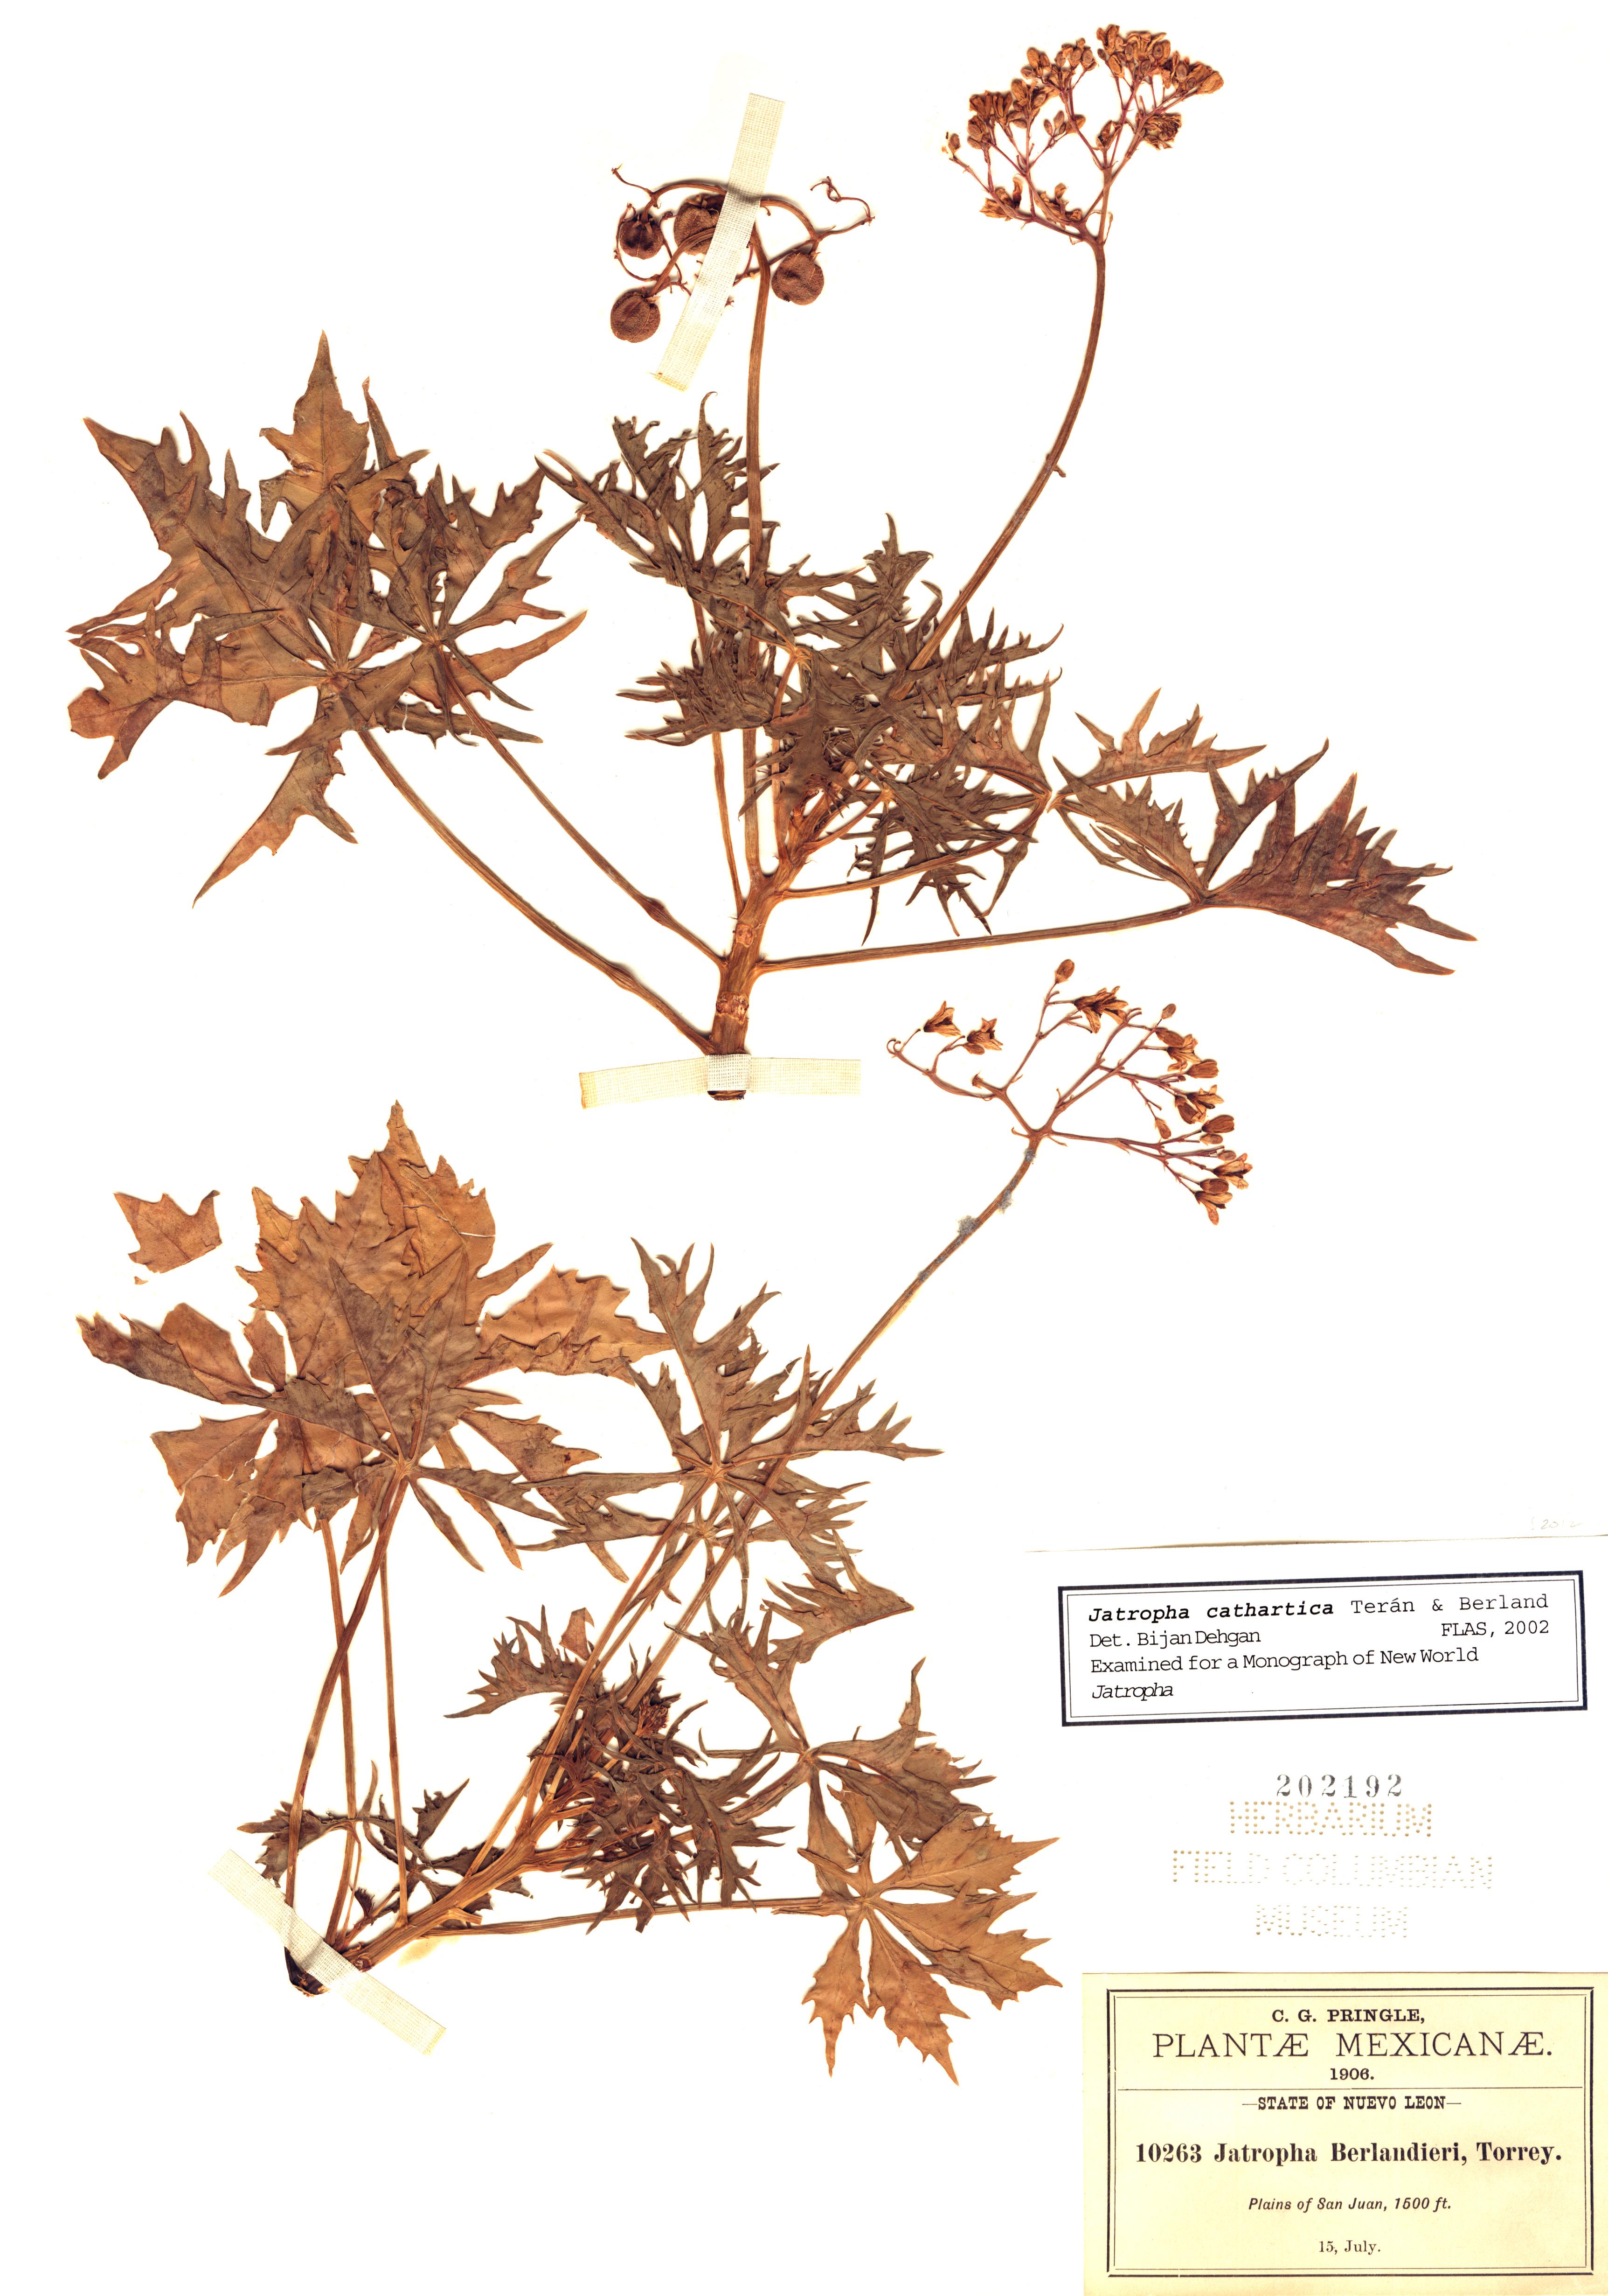 Specimen: Jatropha cathartica